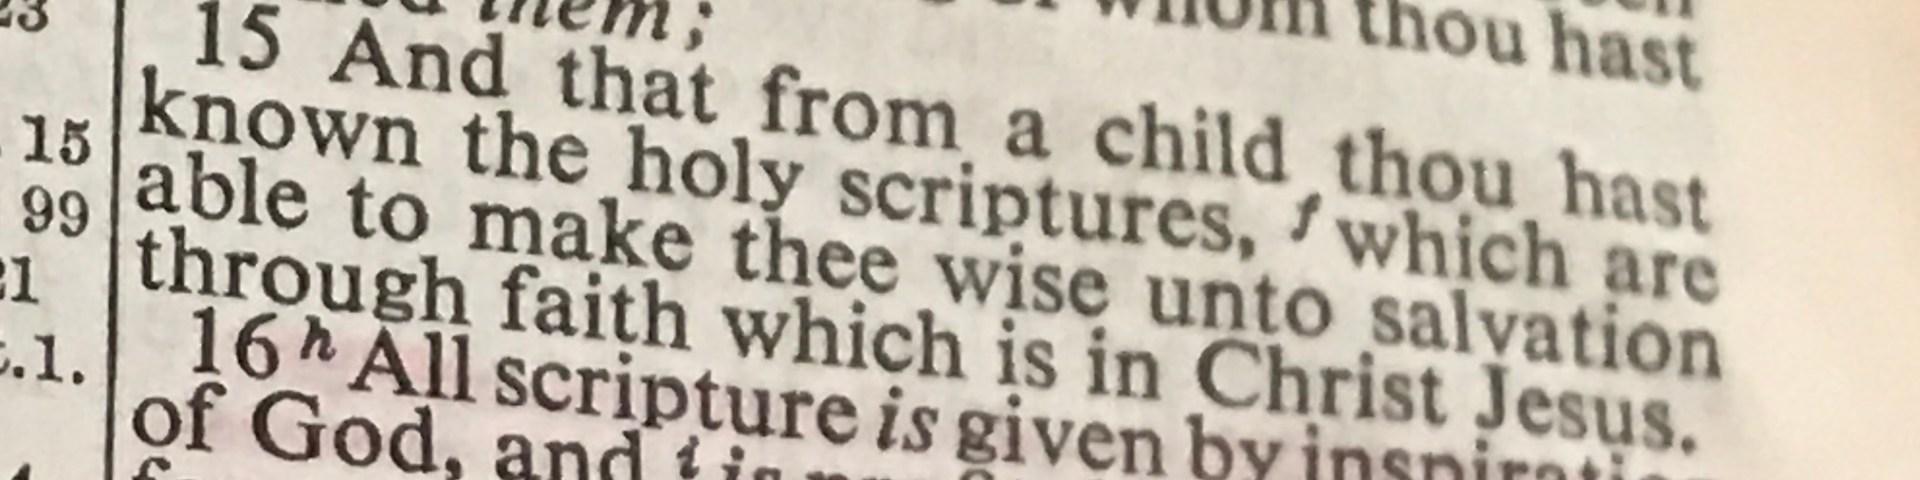 2 Timothy 3:14-17 KJV